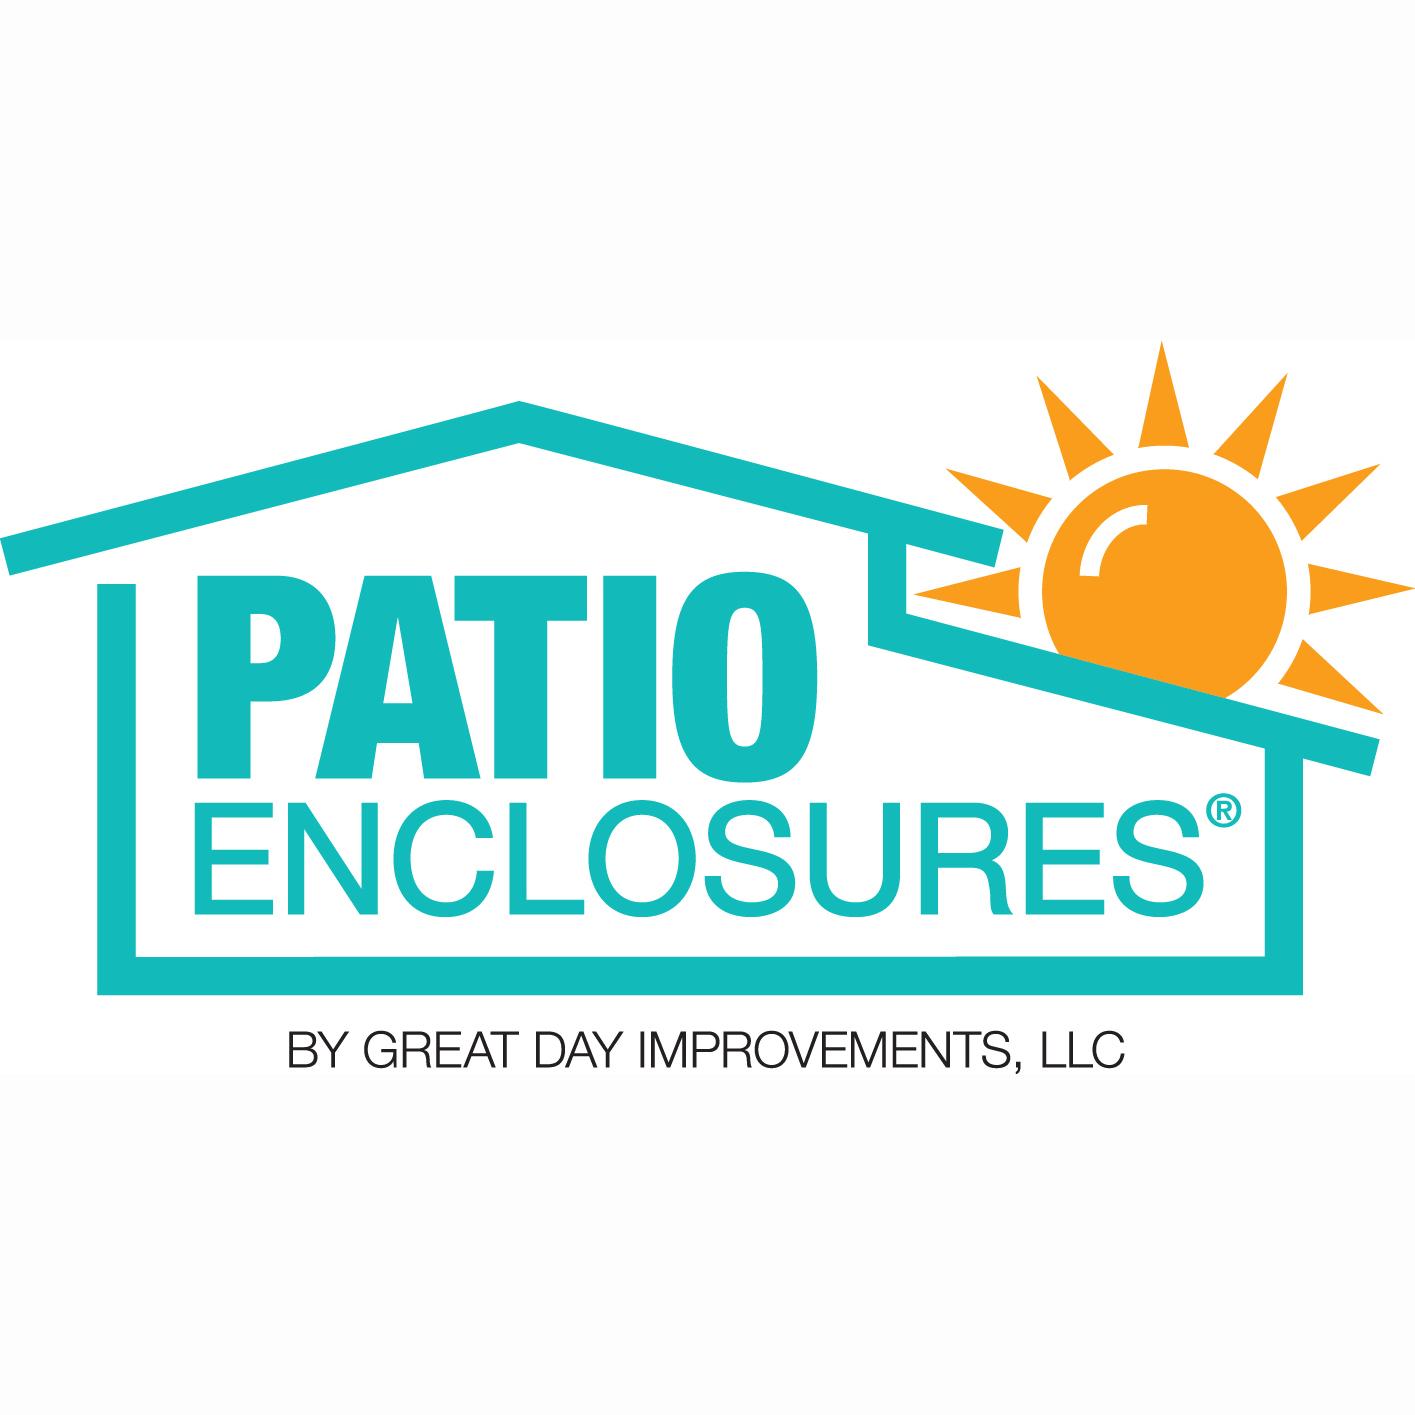 Patio Enclosures. Facebook